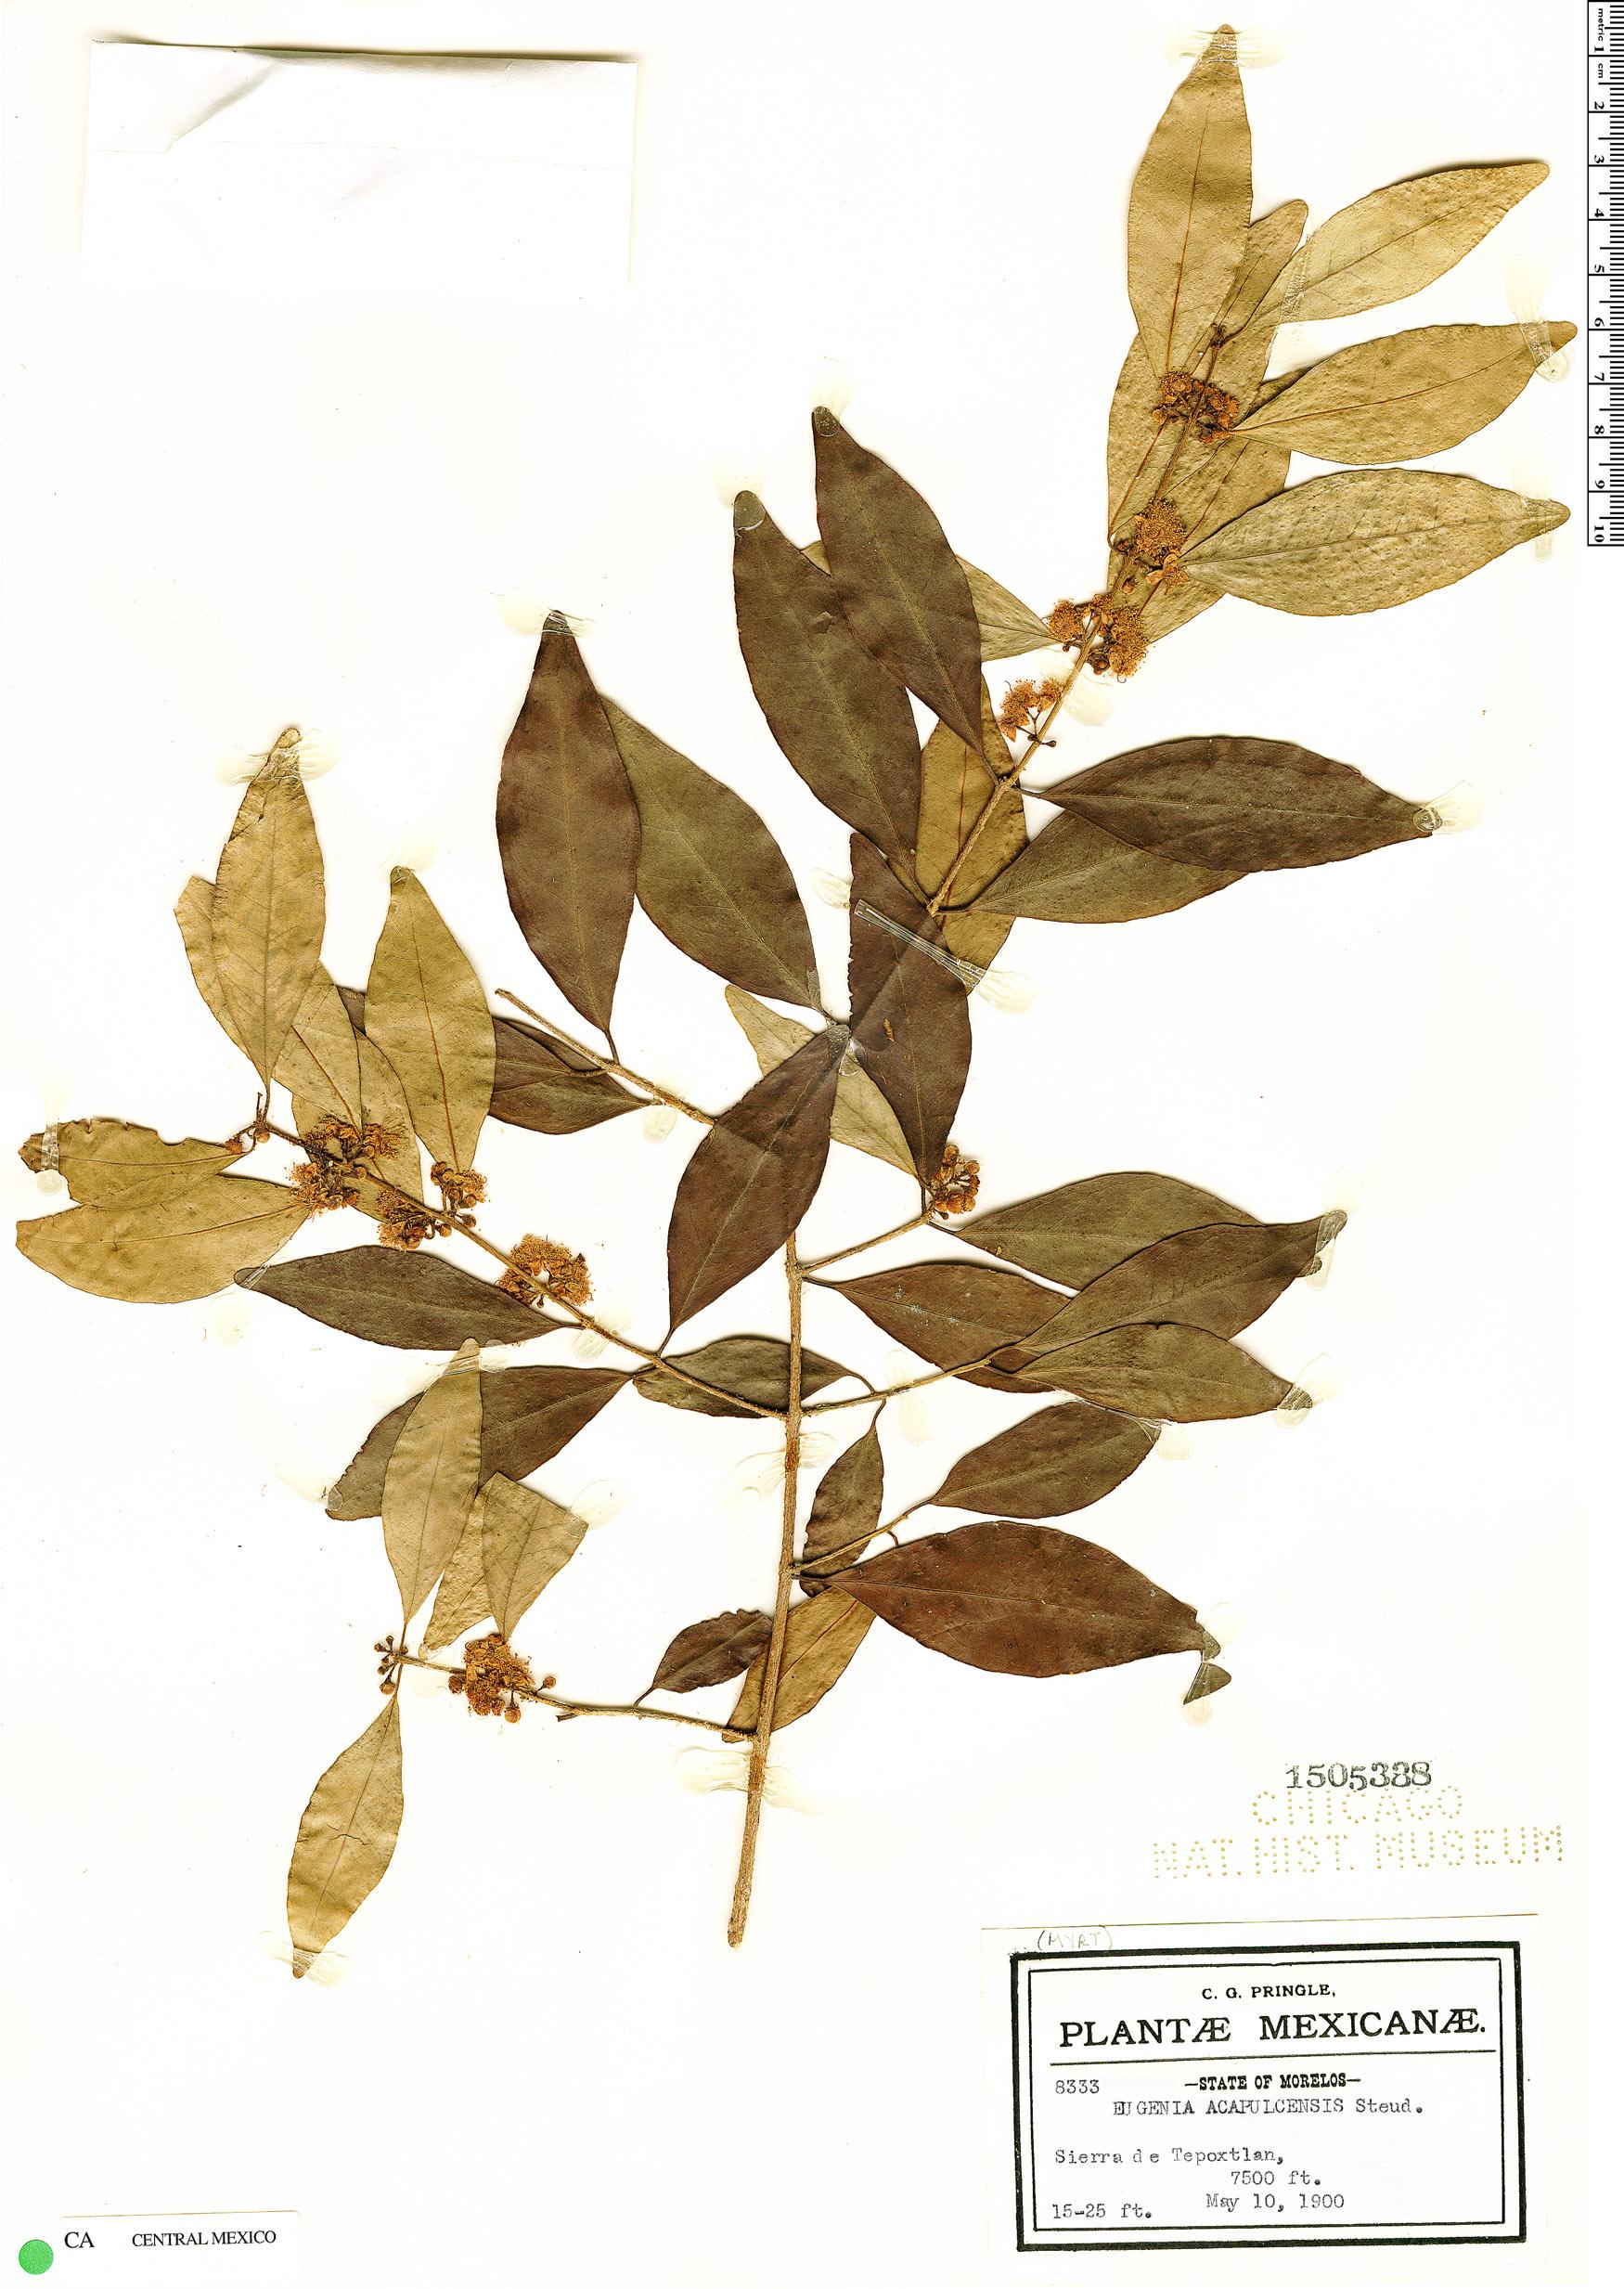 Specimen: Eugenia acapulcensis